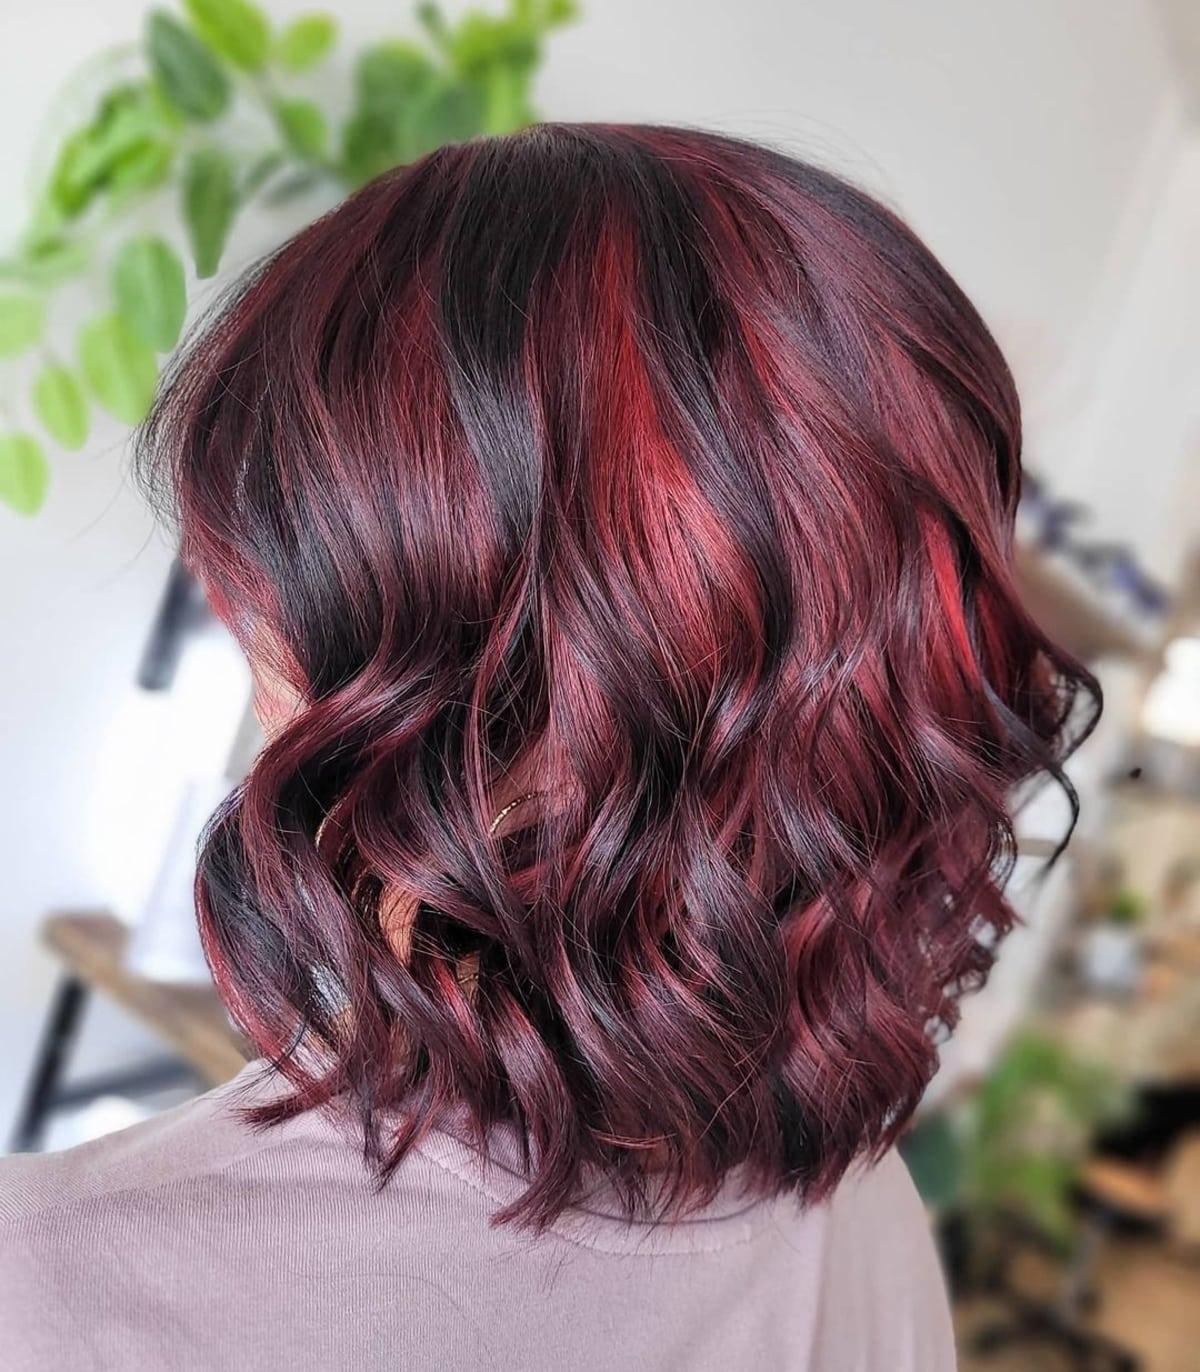 Cheveux noirs avec des reflets rouges